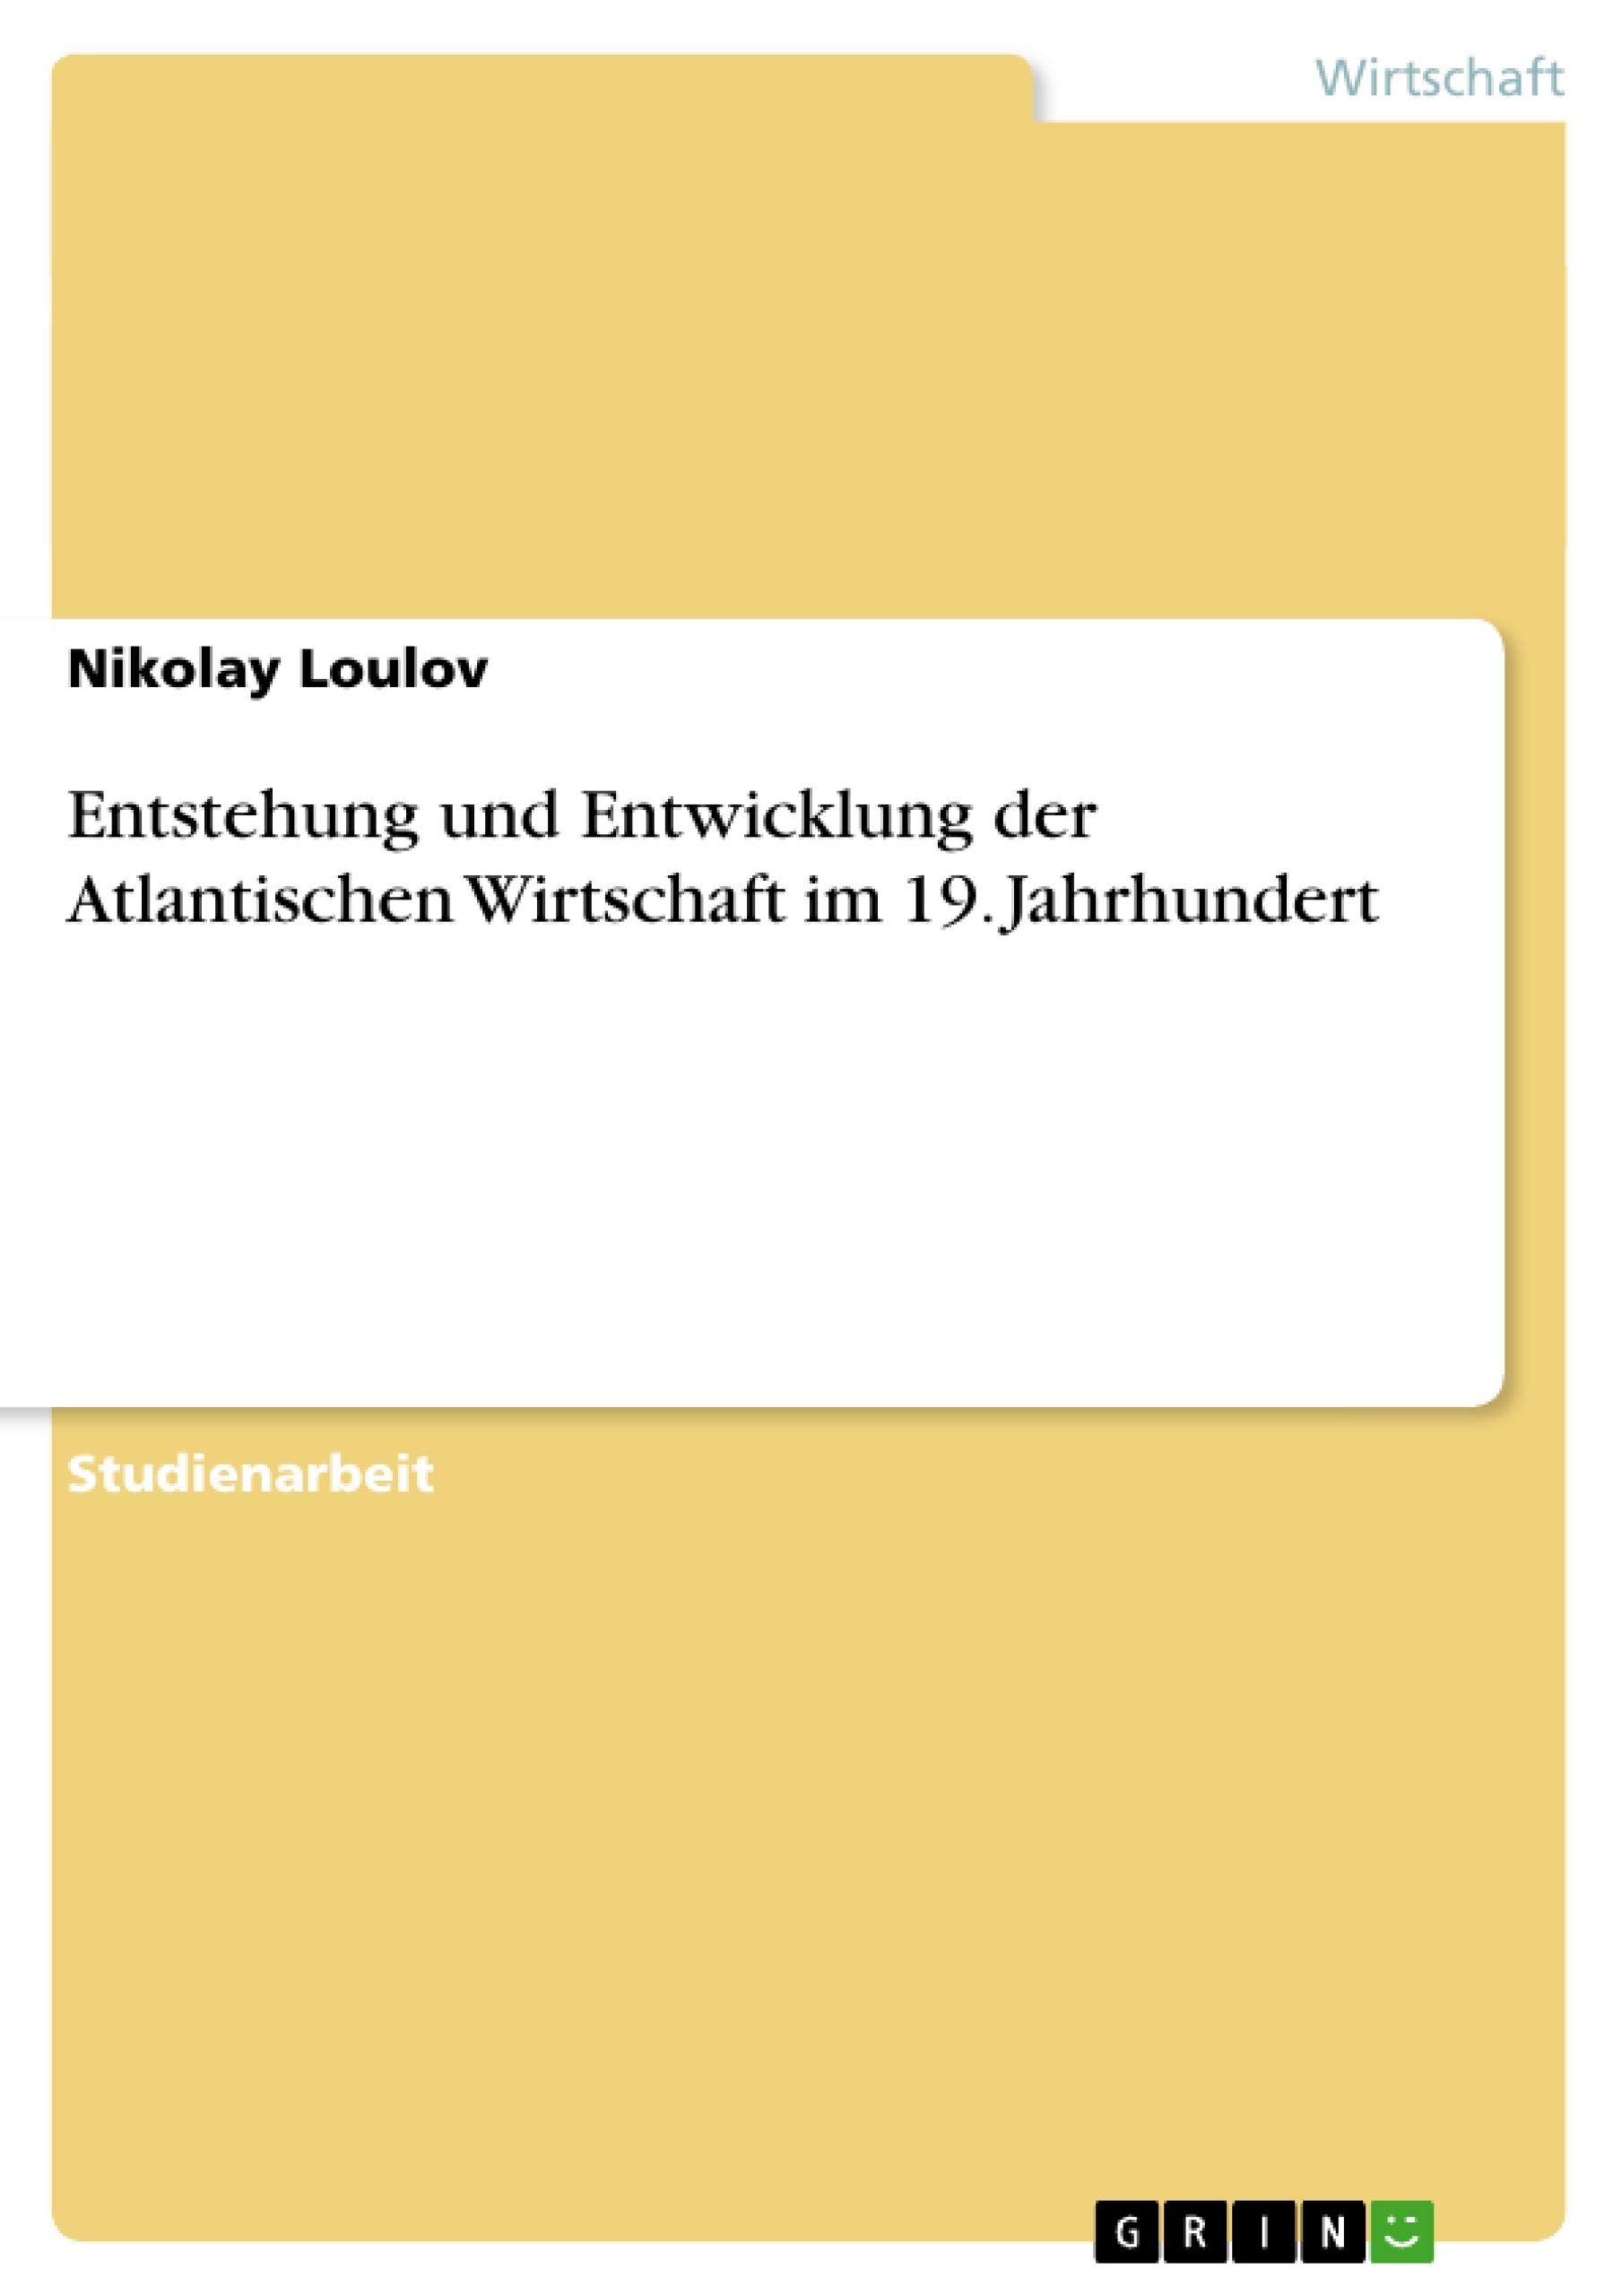 Titel: Entstehung und Entwicklung der Atlantischen Wirtschaft im 19. Jahrhundert